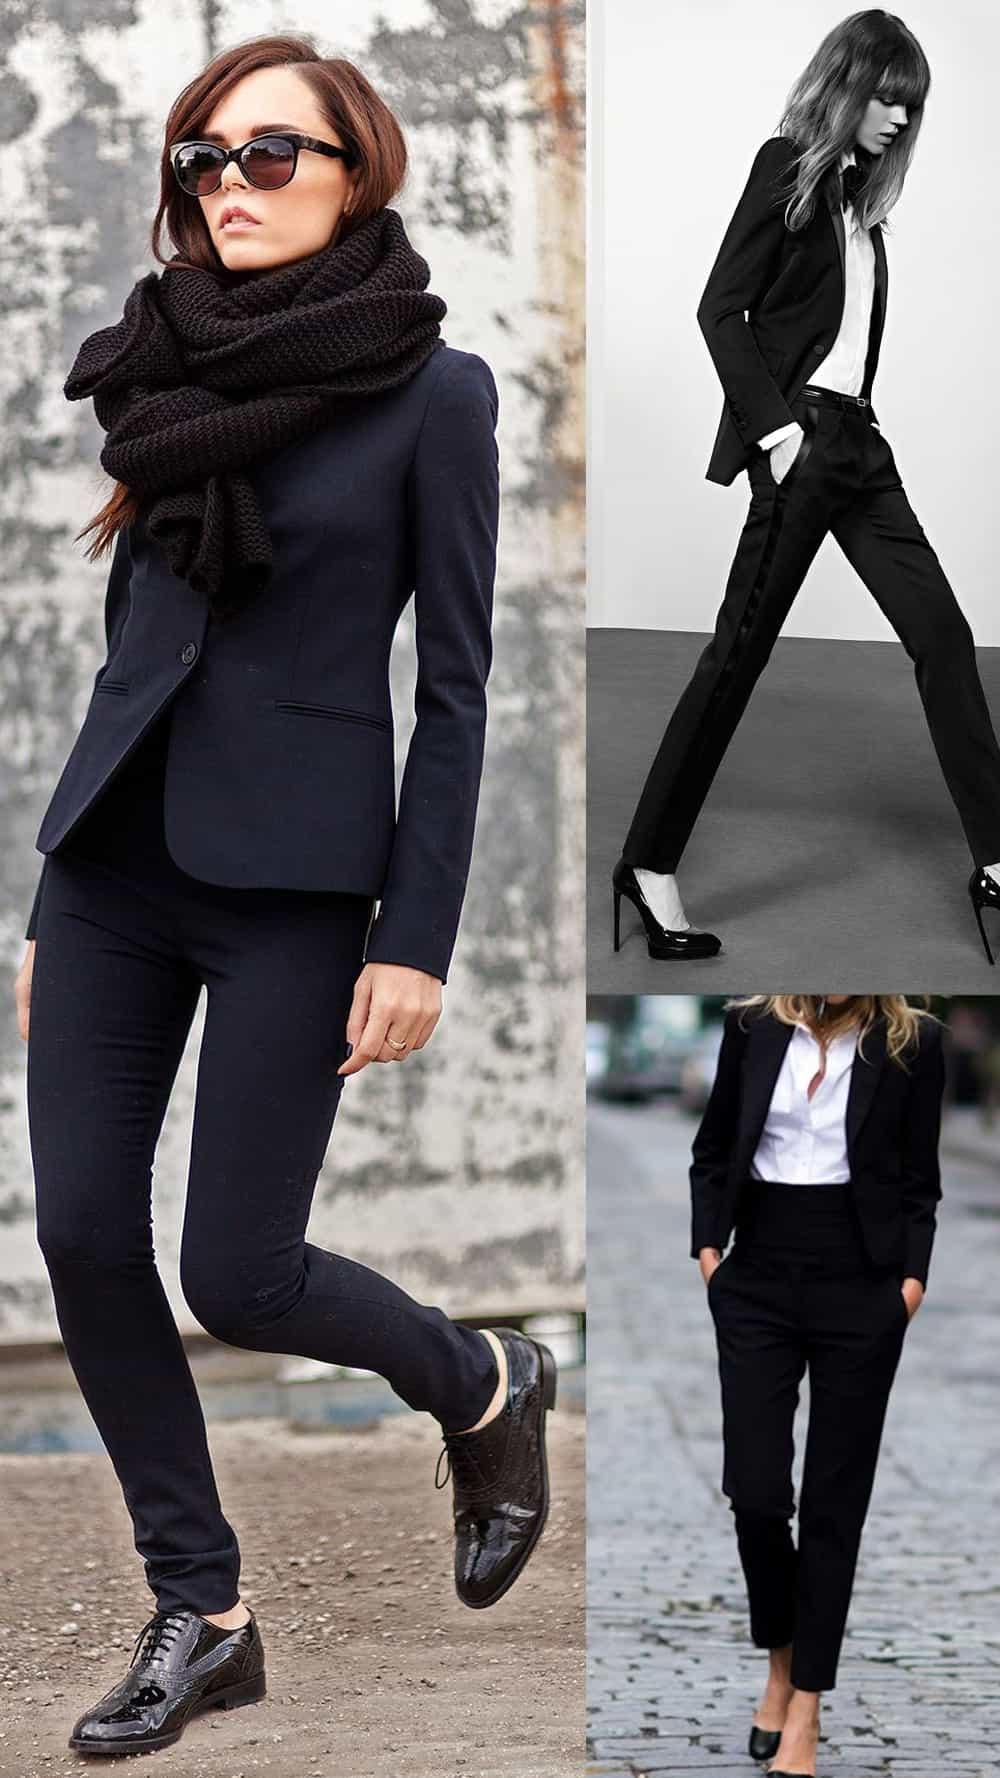 black-pansuits-trend